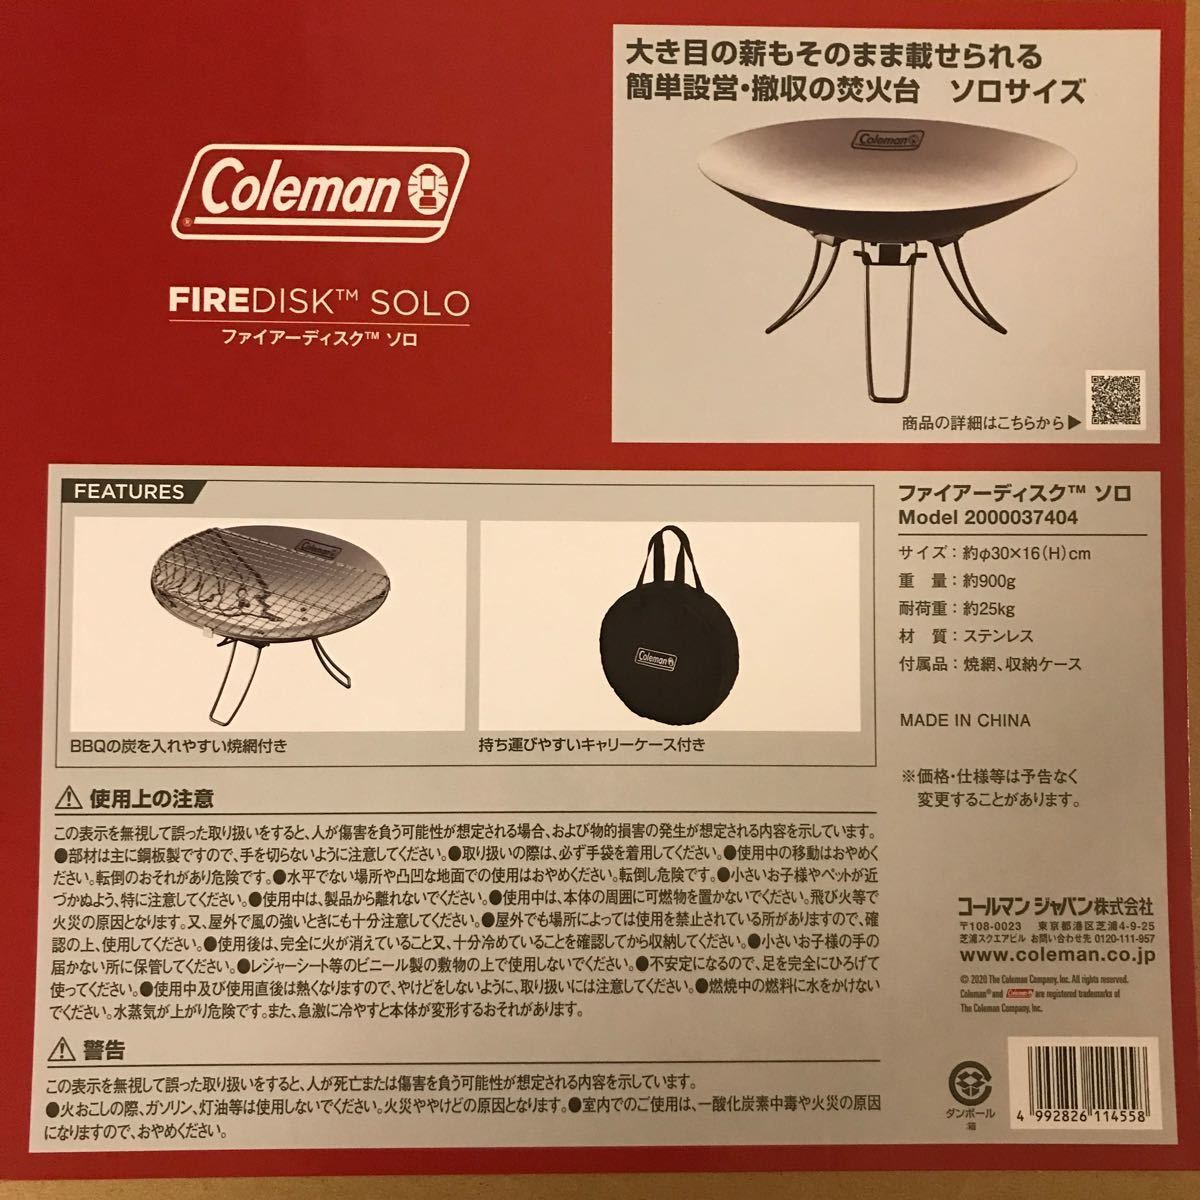 コールマン Coleman ファイアーディスクソロ『新品』